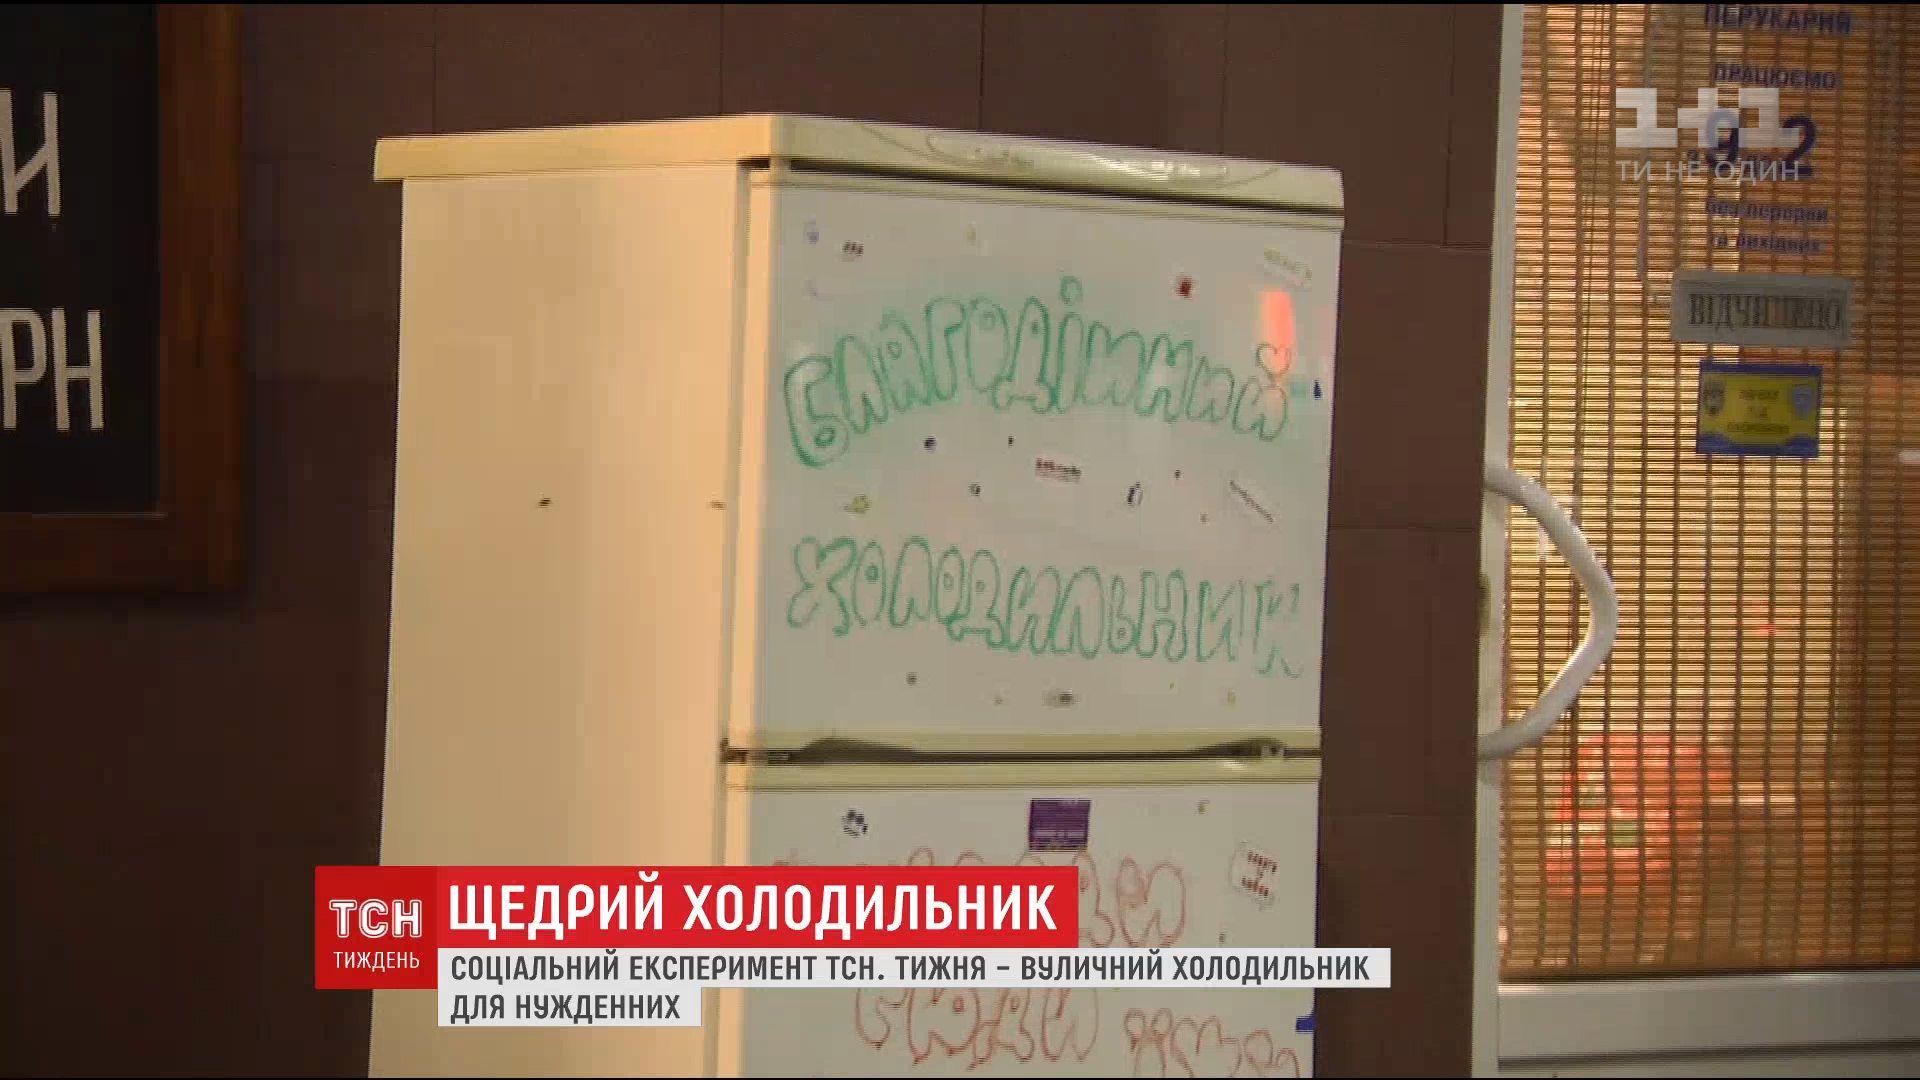 Благотворительный холодильник: результаты социального эксперимента ТСН /